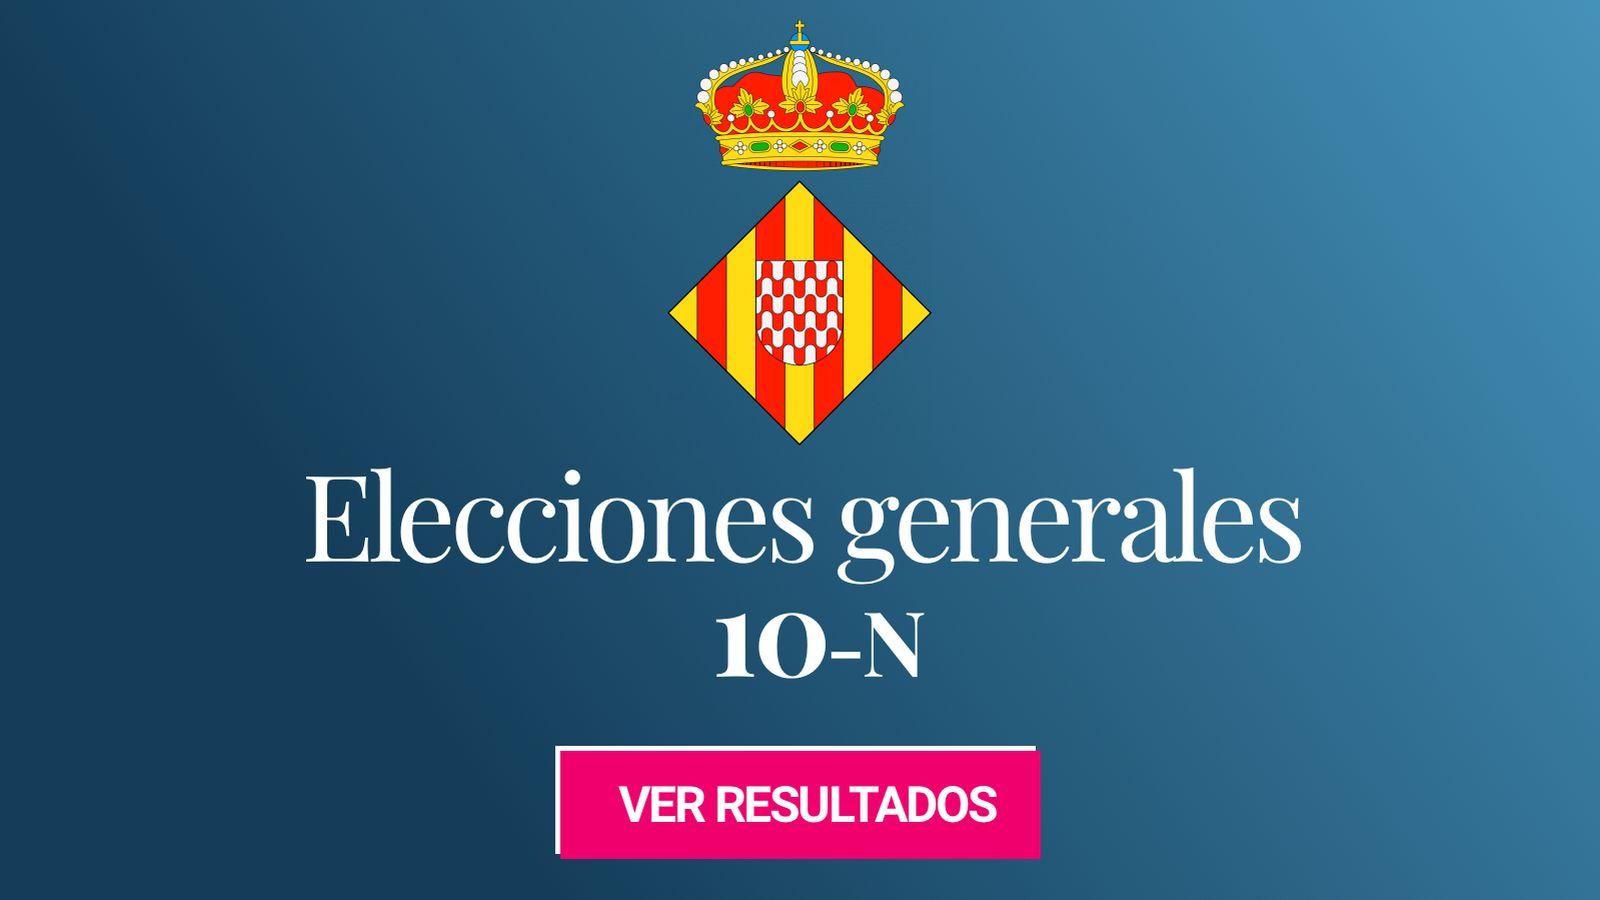 Foto: Elecciones generales 2019 en Girona. (C.C./EC)